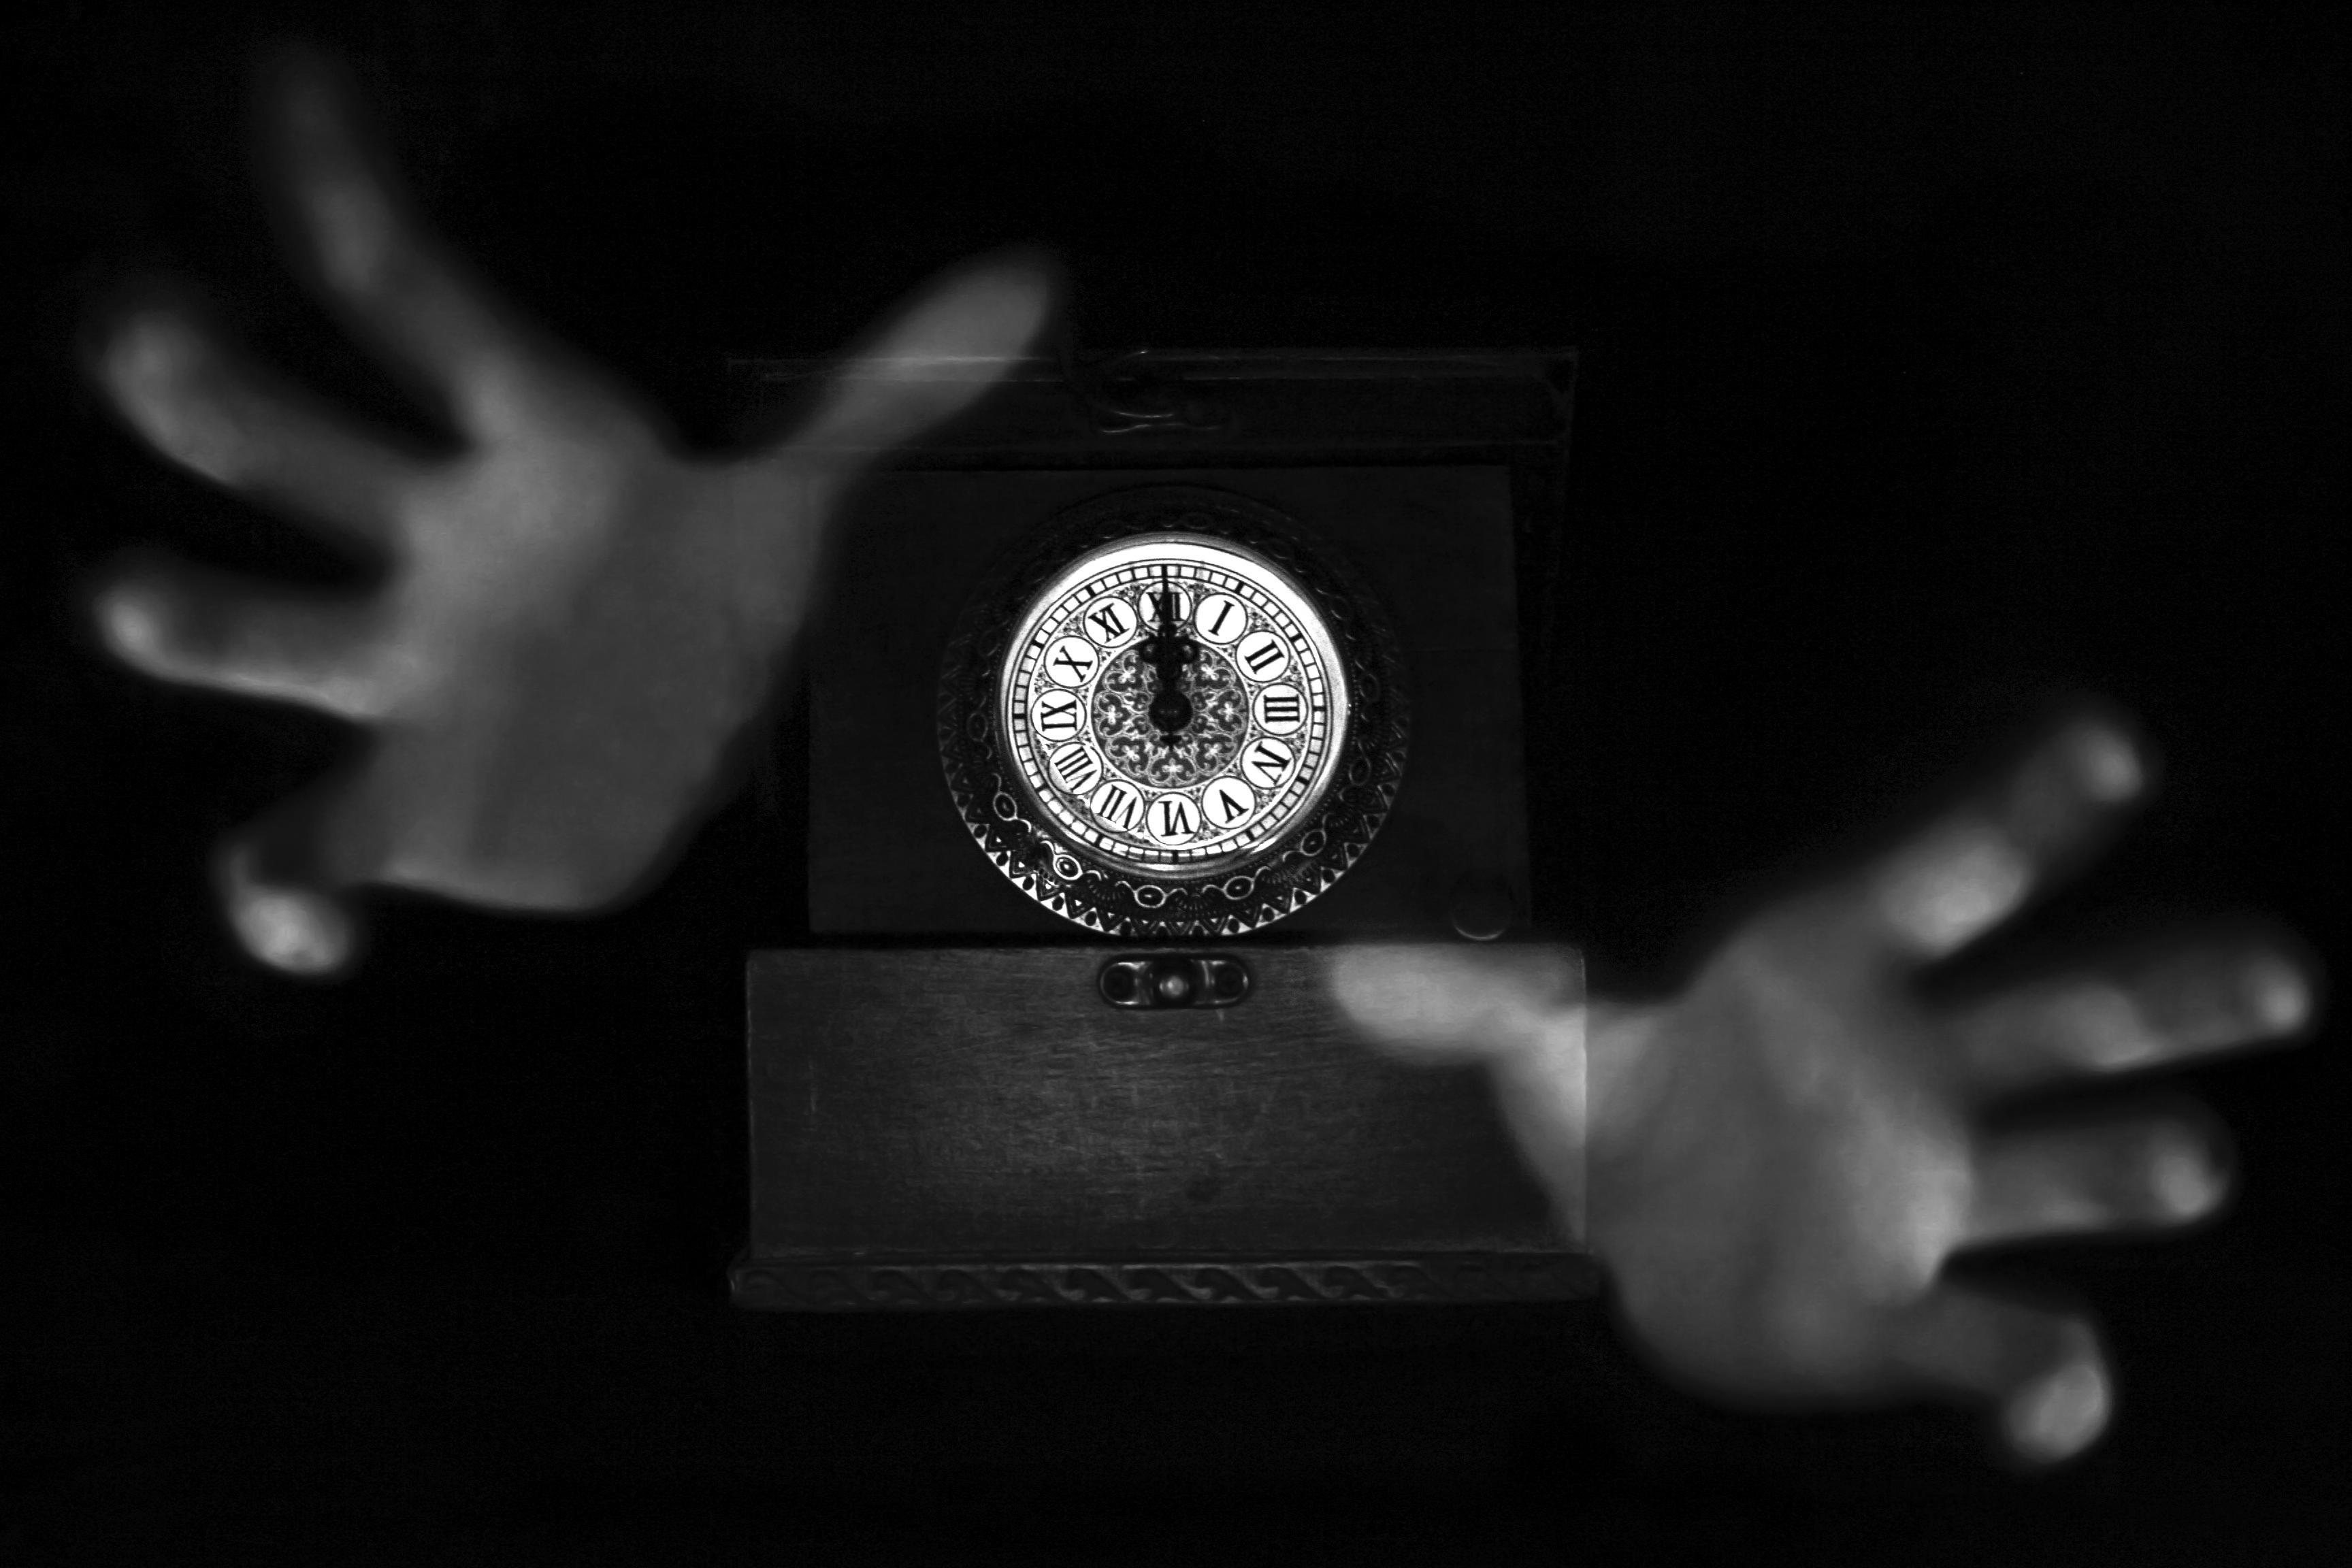 Vrijeme čaranja – Čudne stvari se događaju između 03:00 i 04:00 sata